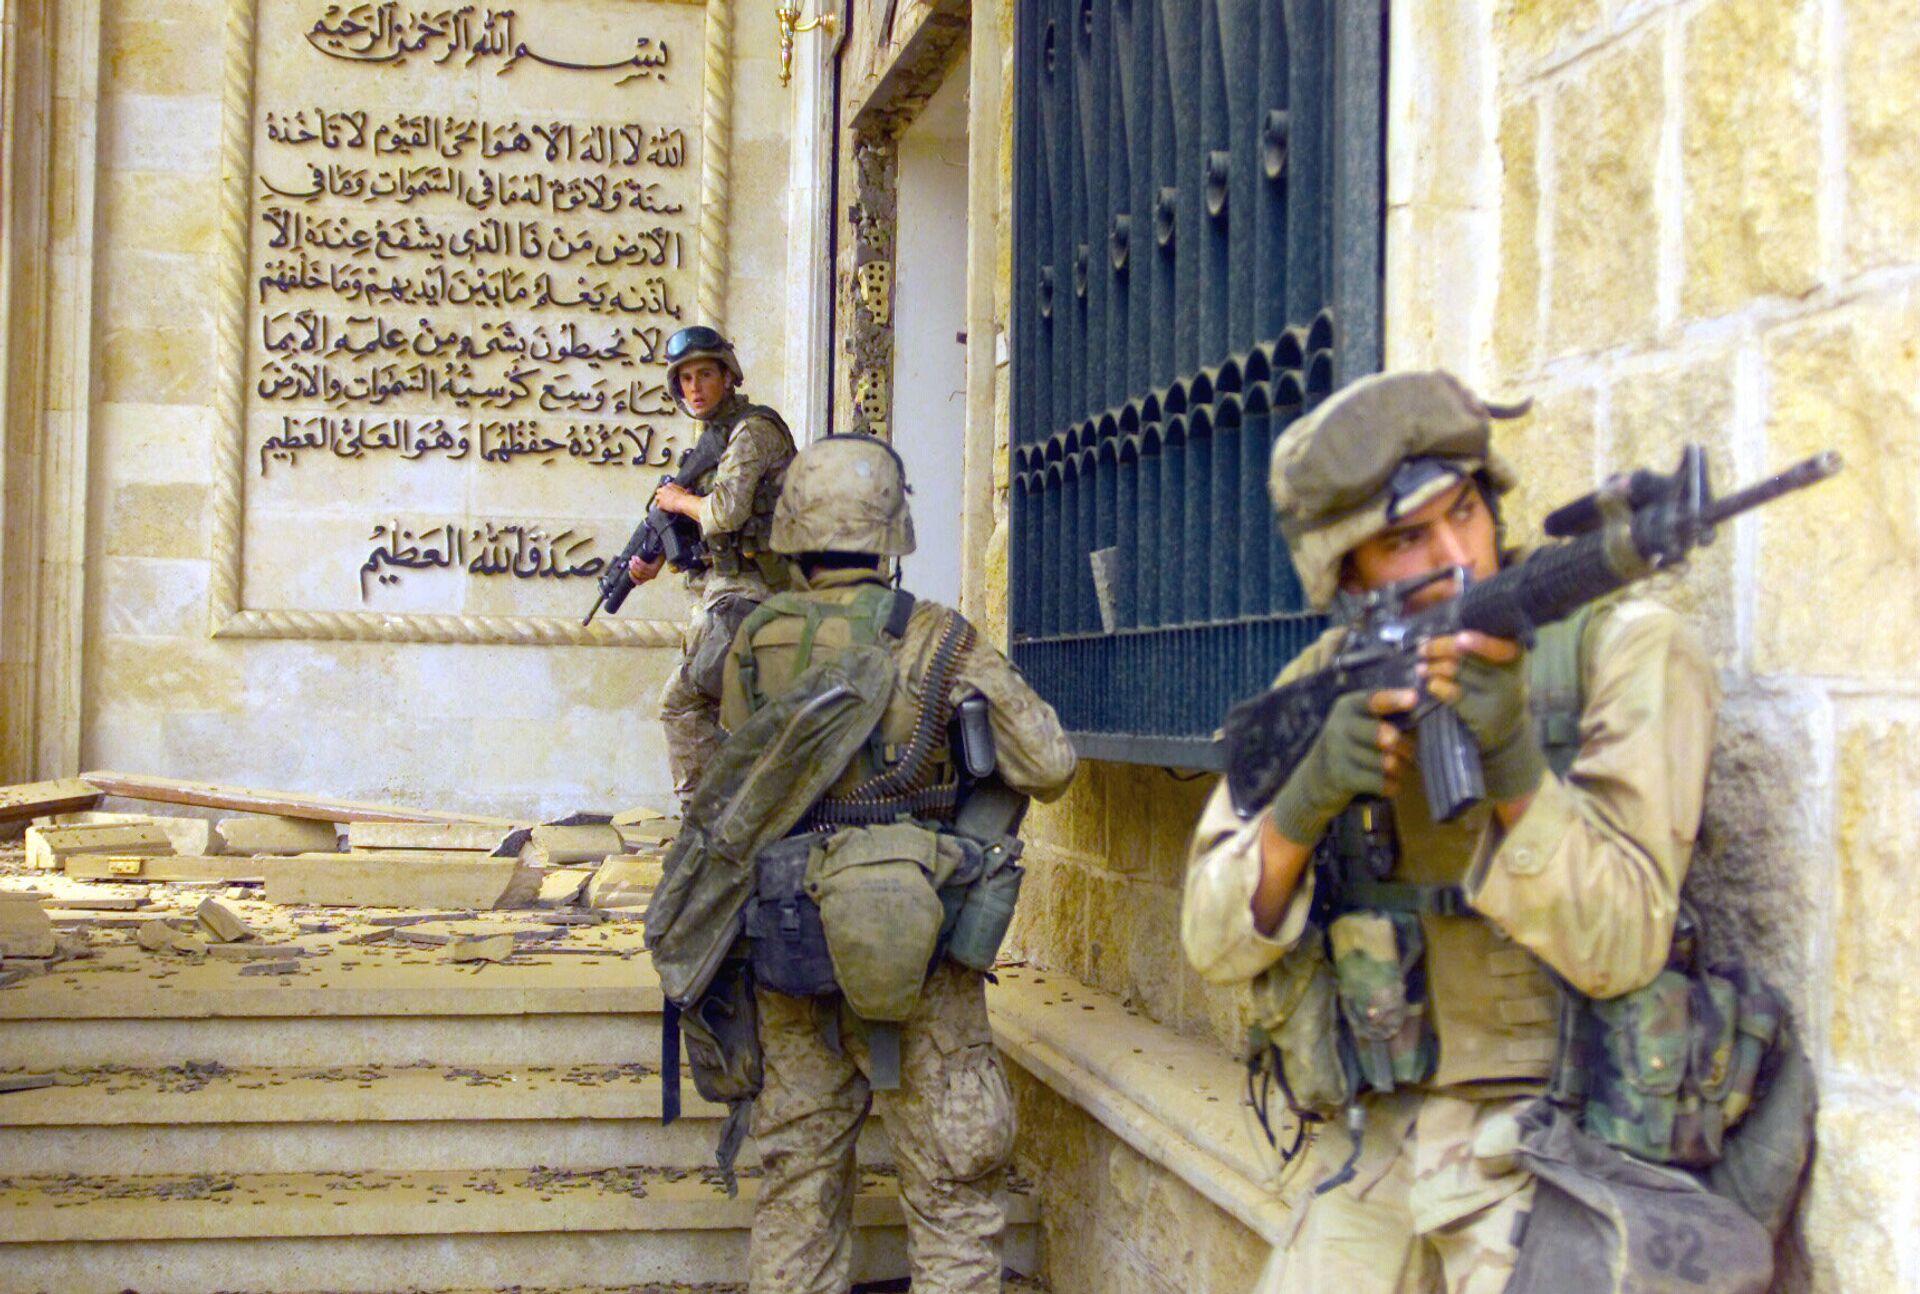 Морские пехотинцы США перед входом в один из дворцов Саддама Хусейна. 9 апреля 2003 года - РИА Новости, 1920, 13.01.2021